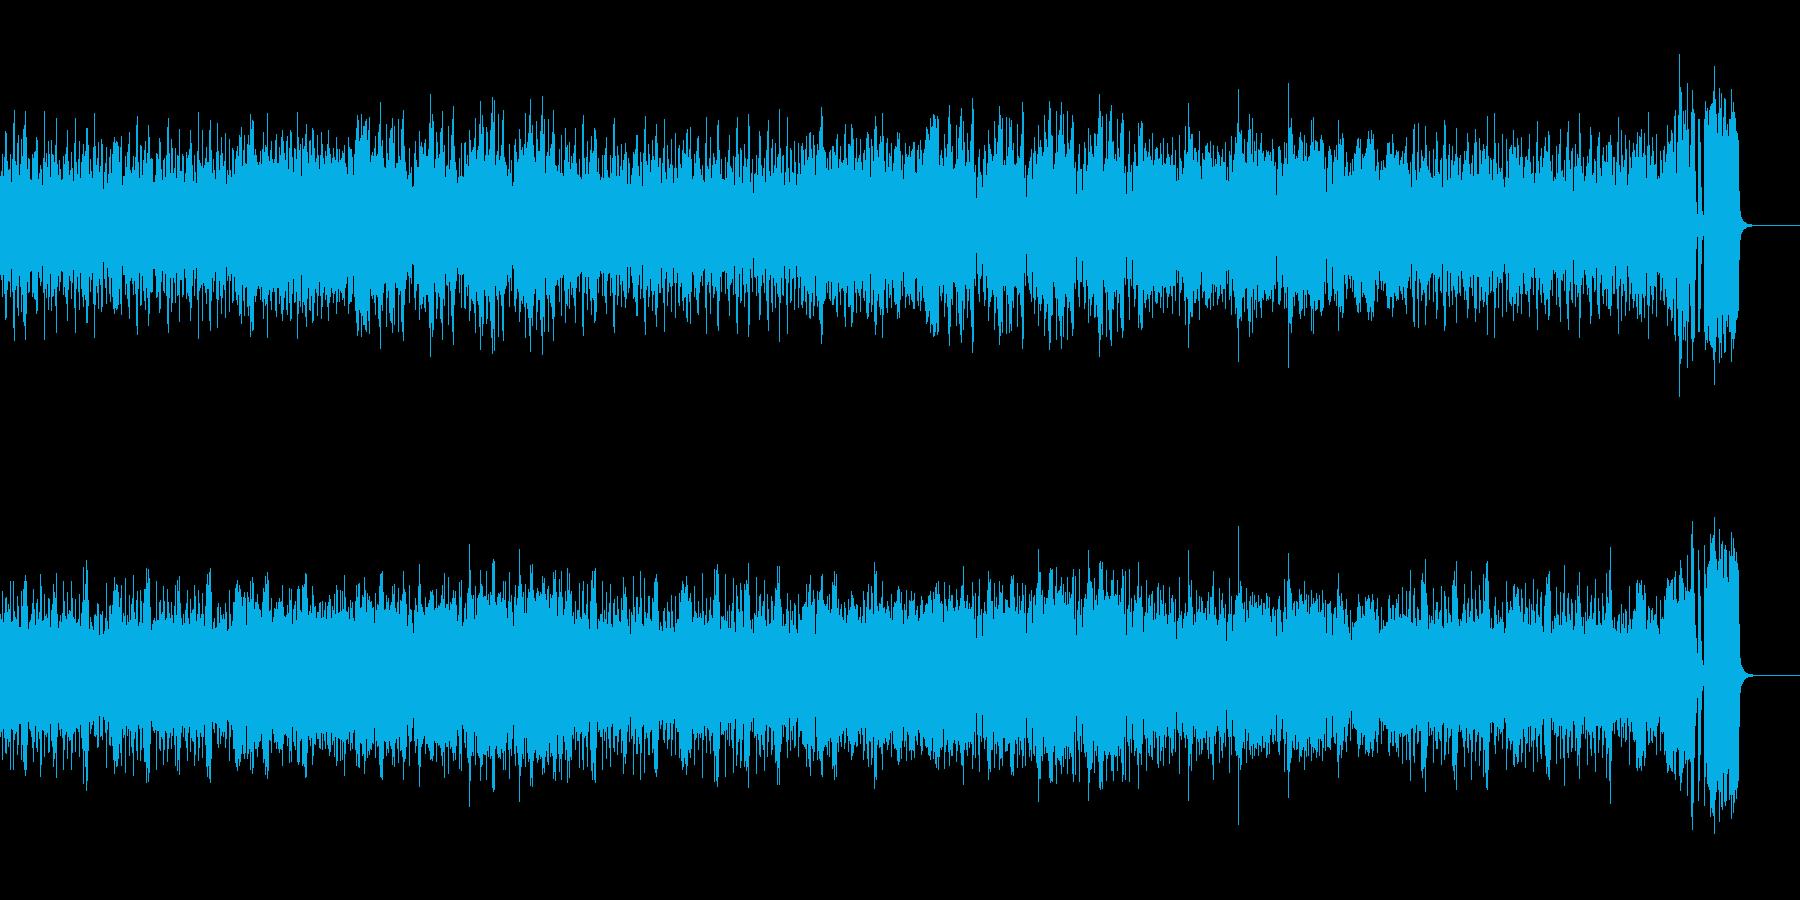 焦燥感を煽る高速アイリッシュミュージックの再生済みの波形